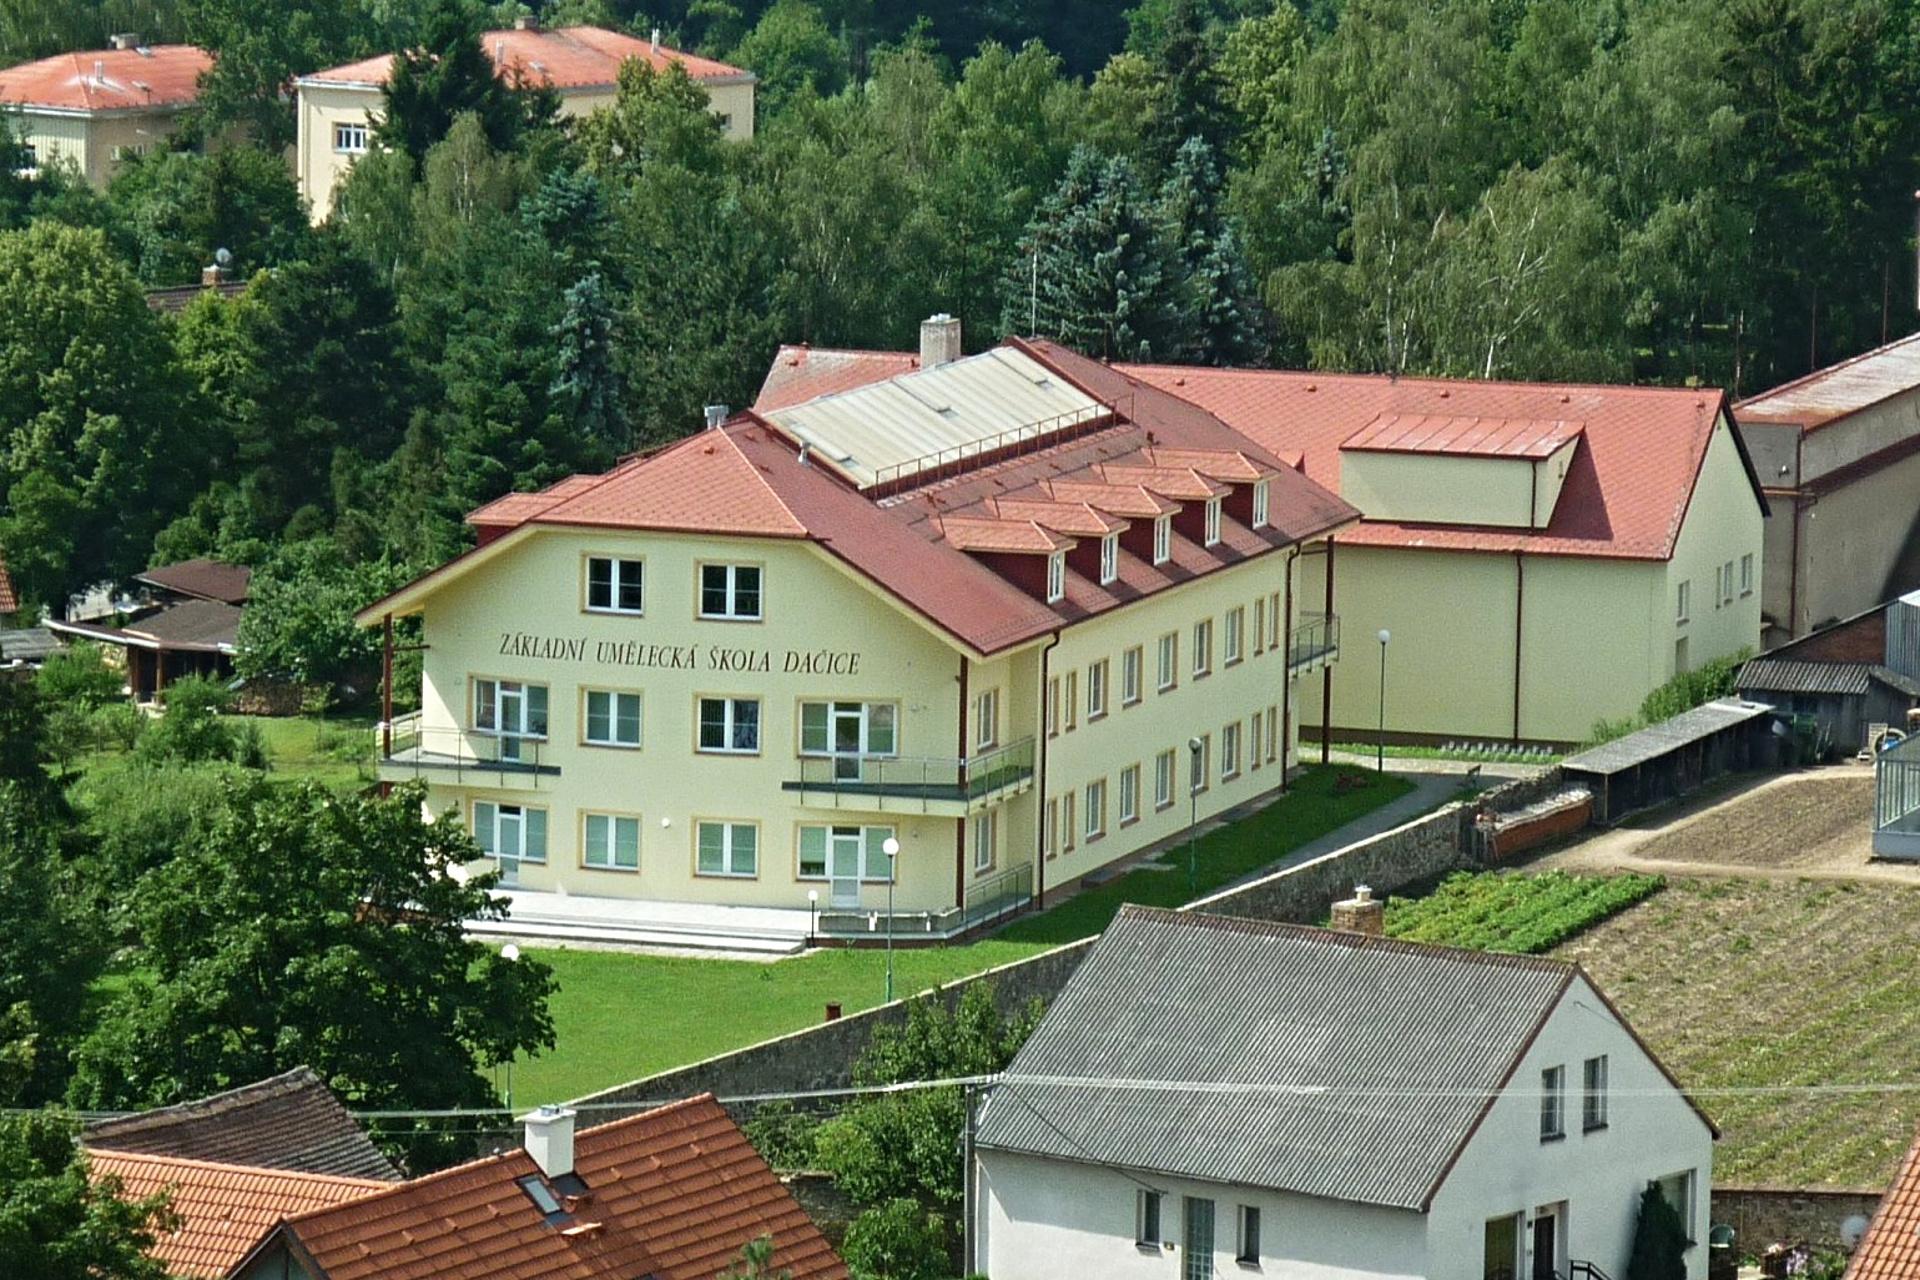 Základní umělecká škola Dačice